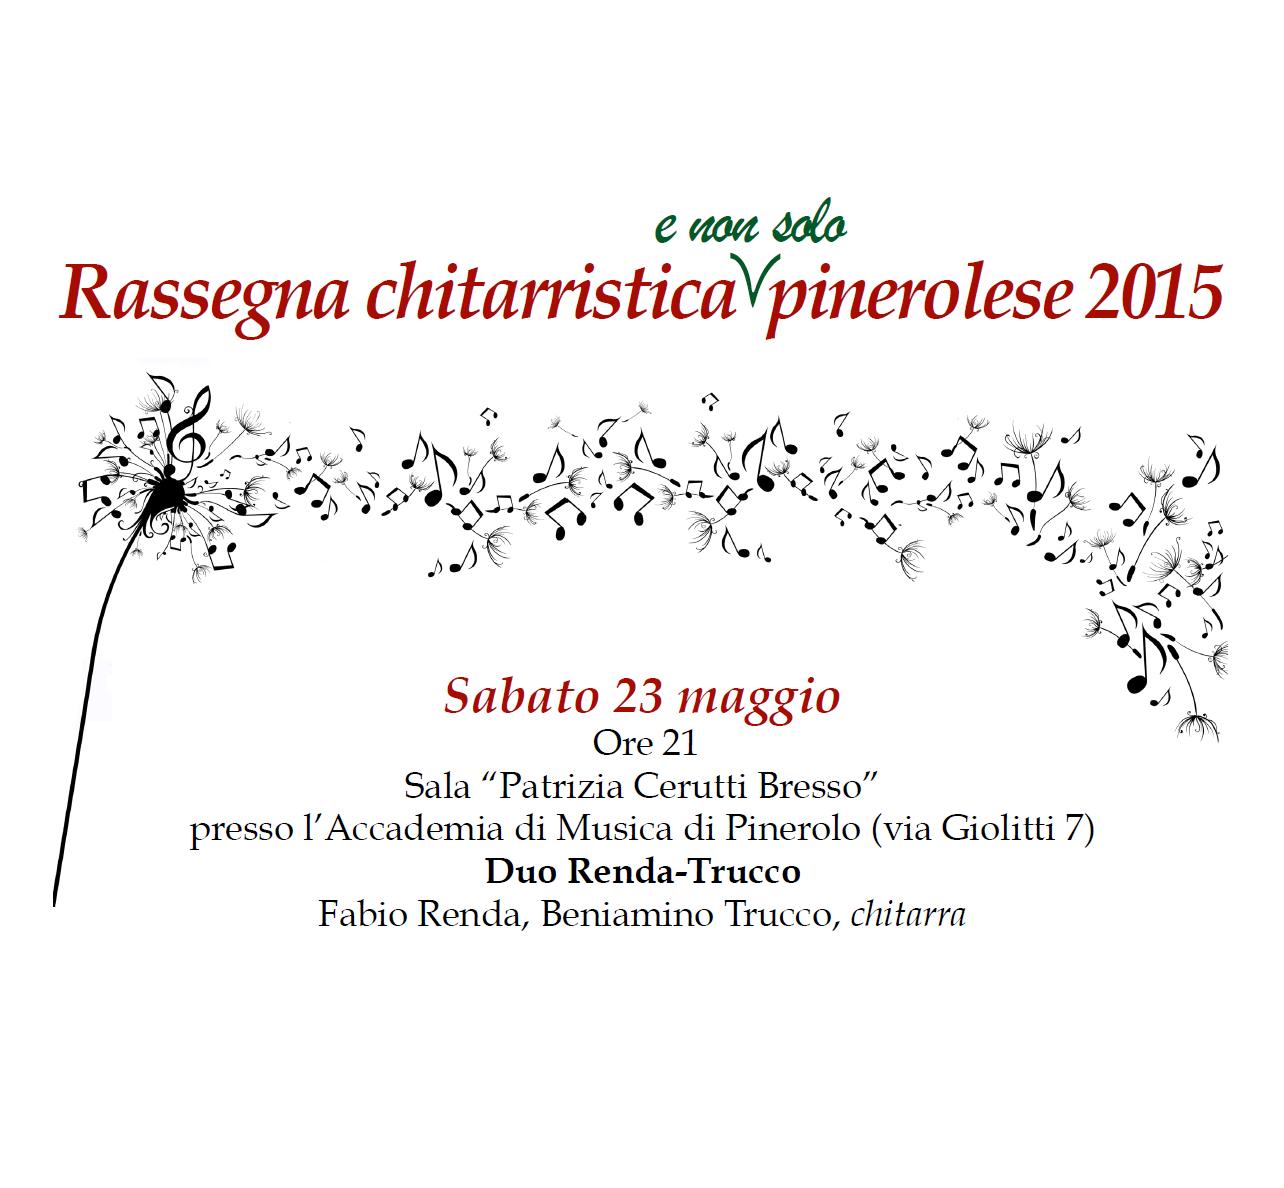 RCP 2015, Ritaglio - Copia